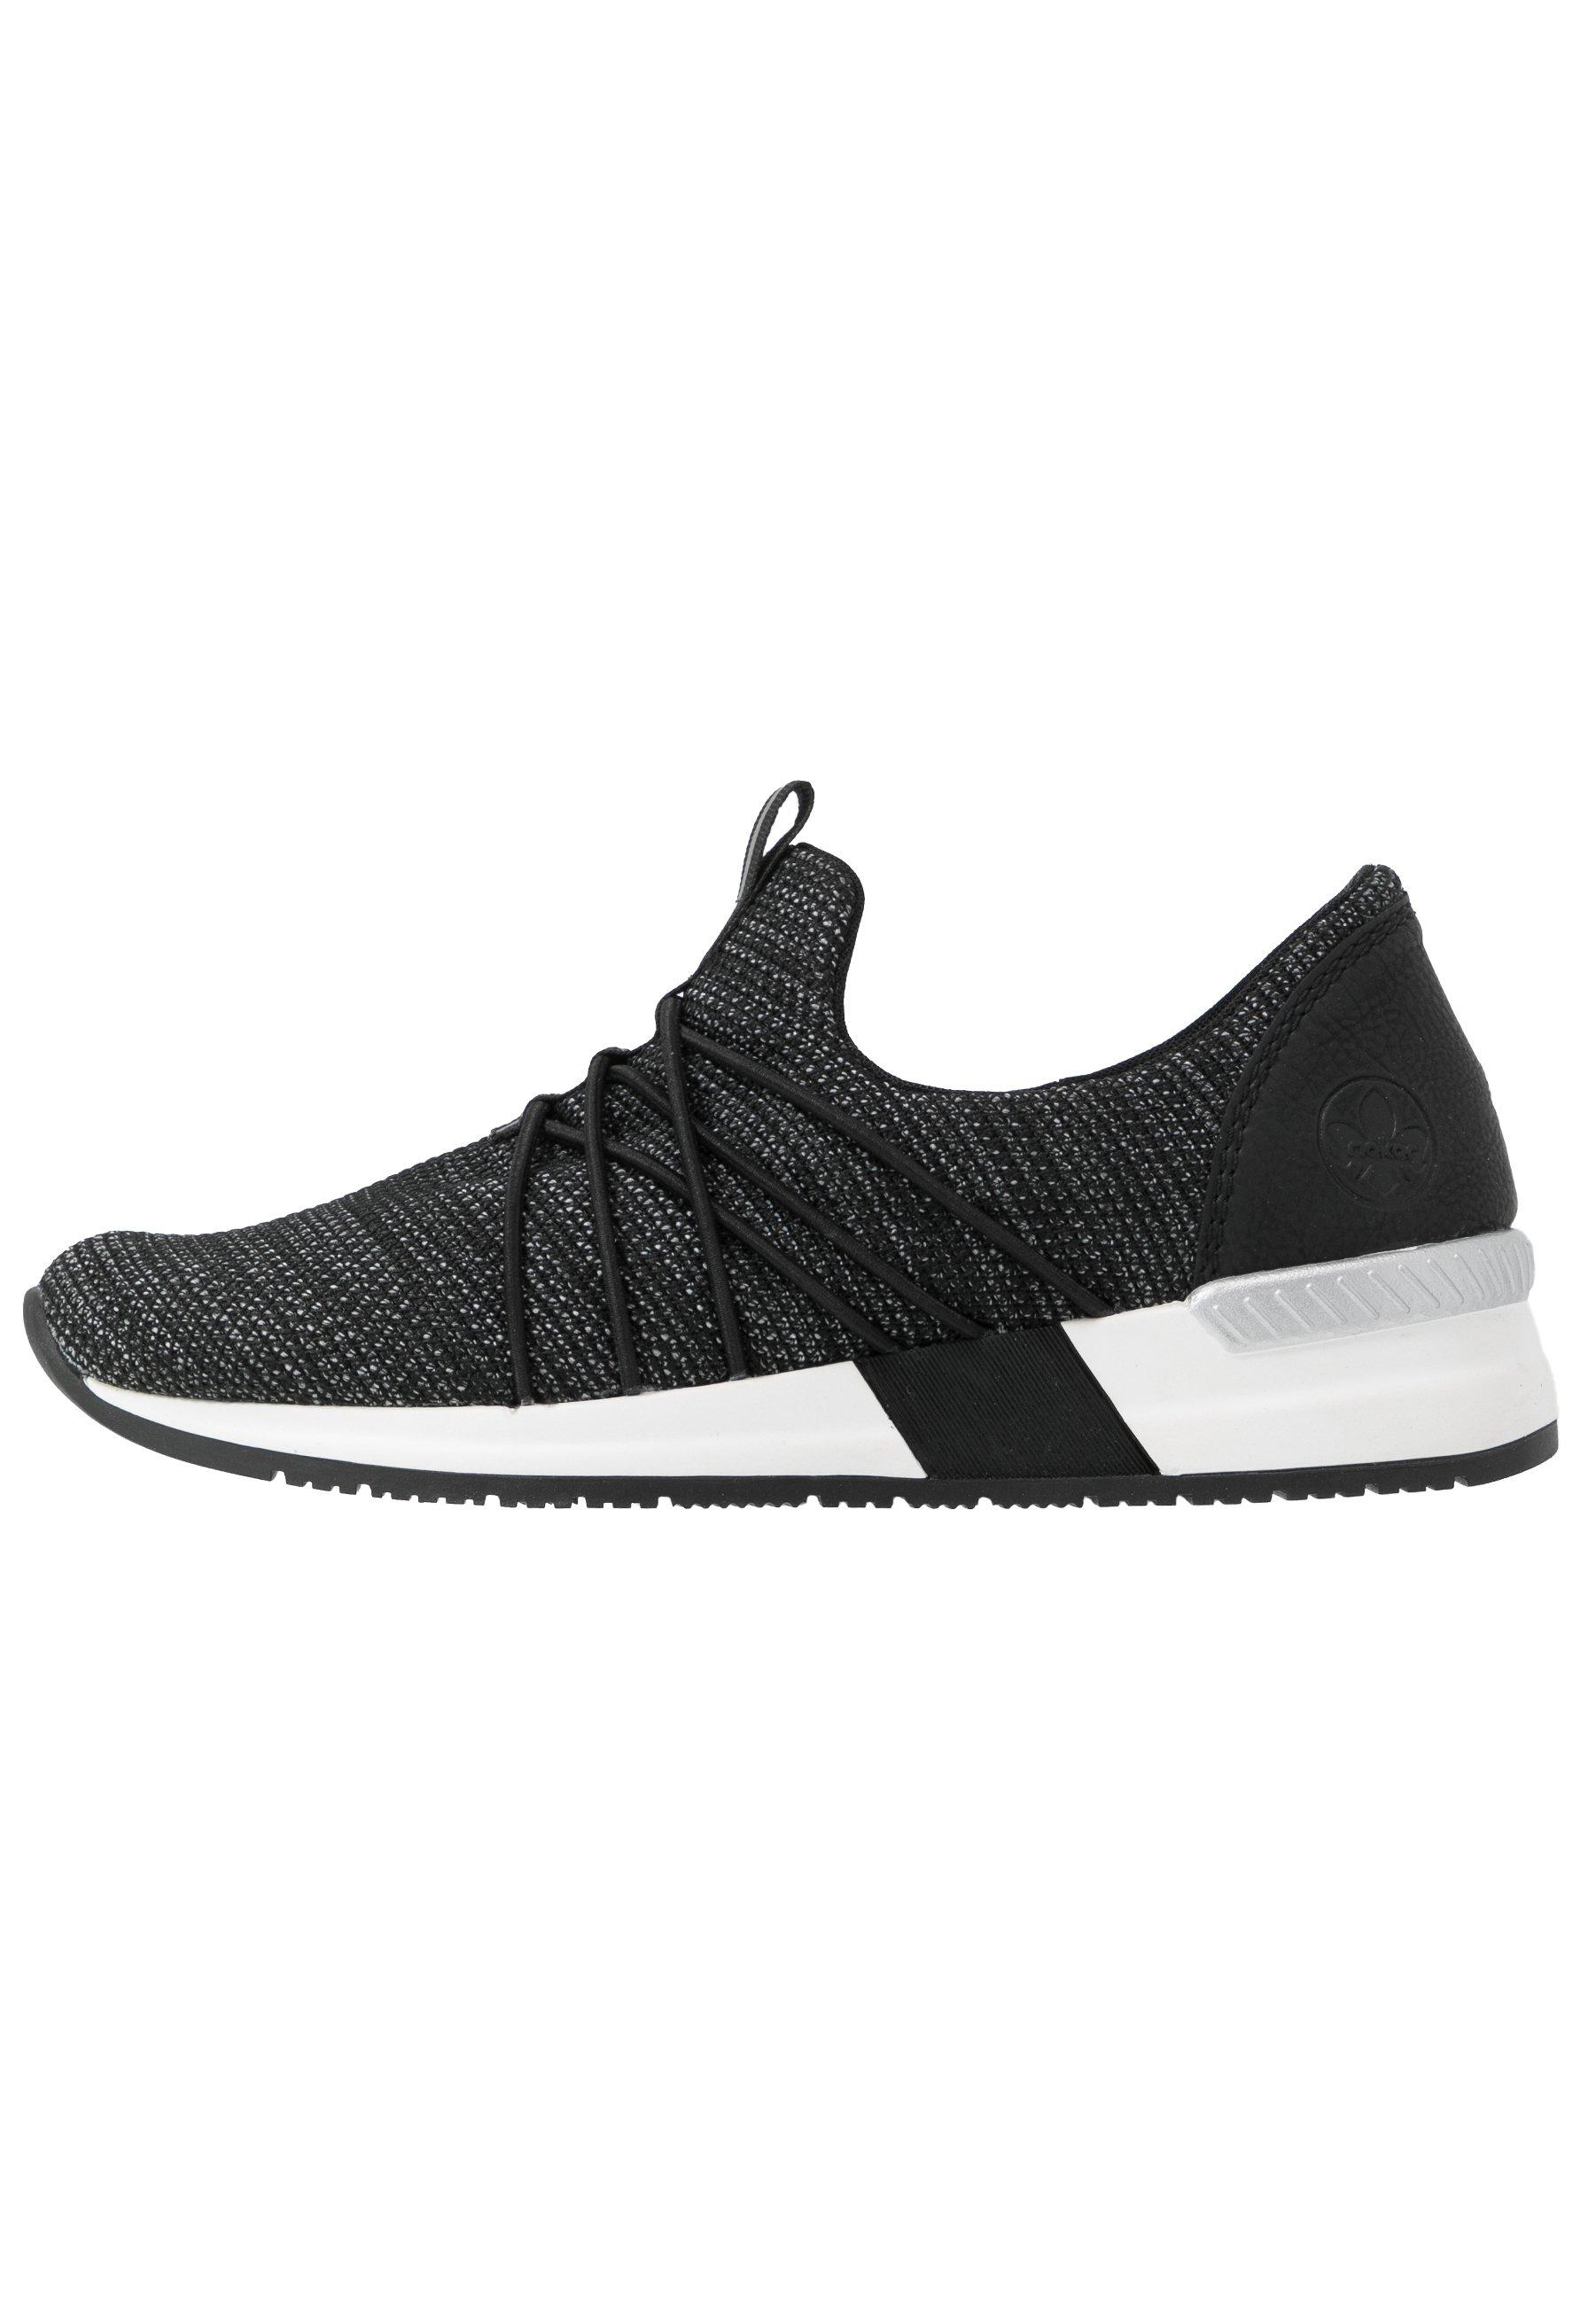 Rieker Slippers - schwarz/weiß